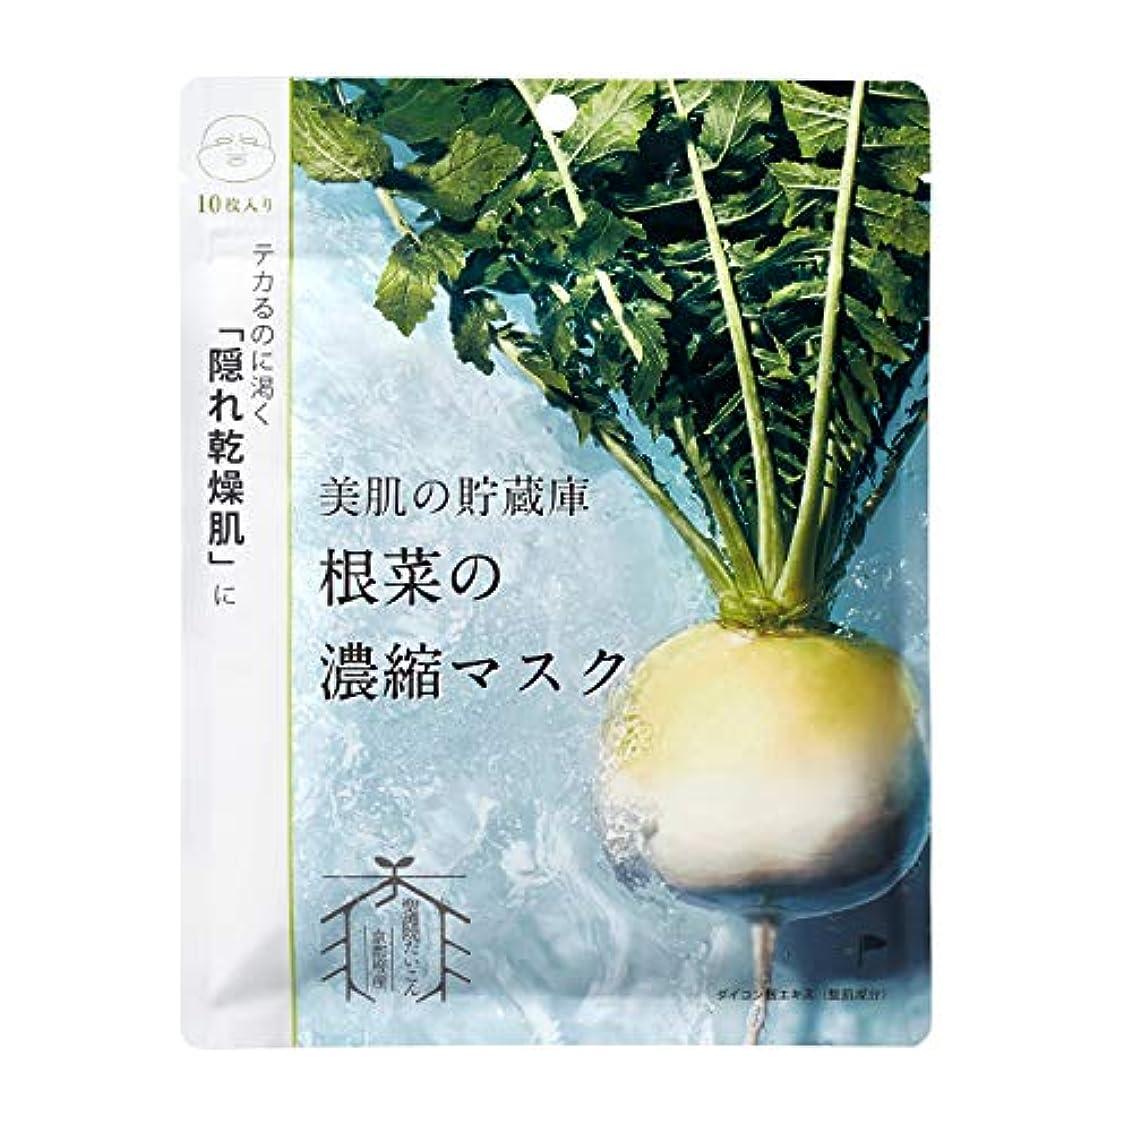 海里慣習ペンフレンド@cosme nippon 美肌の貯蔵庫 根菜の濃縮マスク 聖護院だいこん 10枚入 148ml